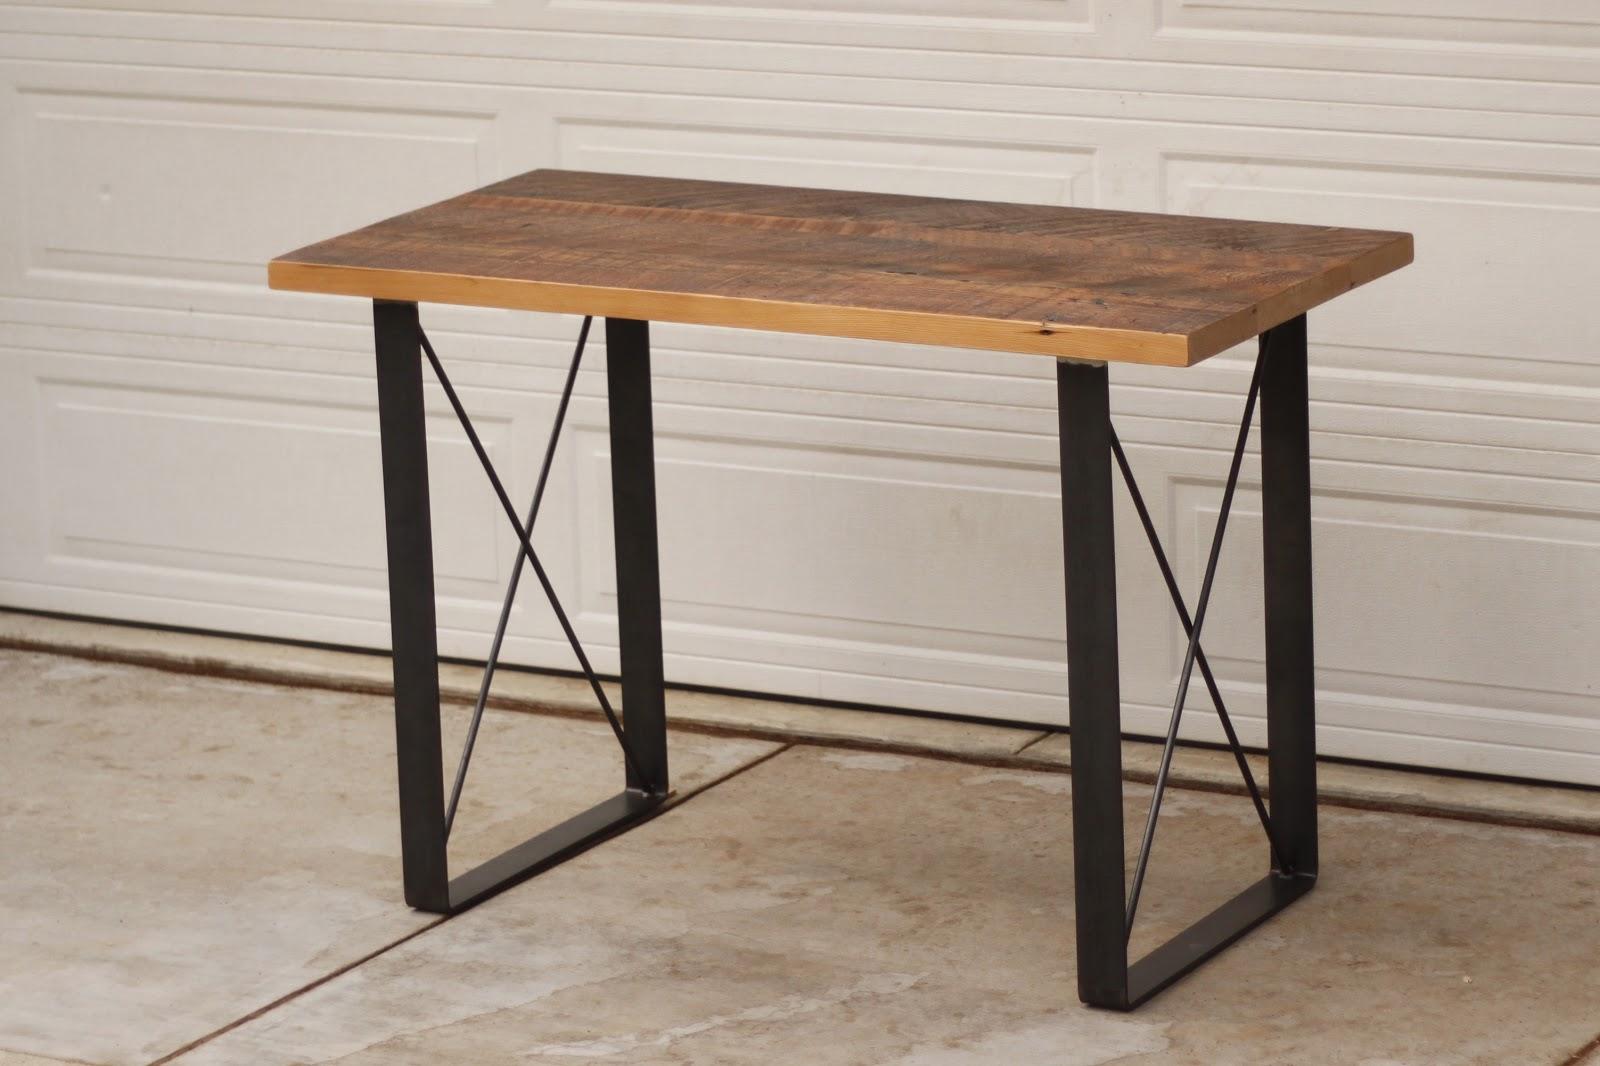 arbor exchange reclaimed wood furniture stand up desk w metal x base. Black Bedroom Furniture Sets. Home Design Ideas